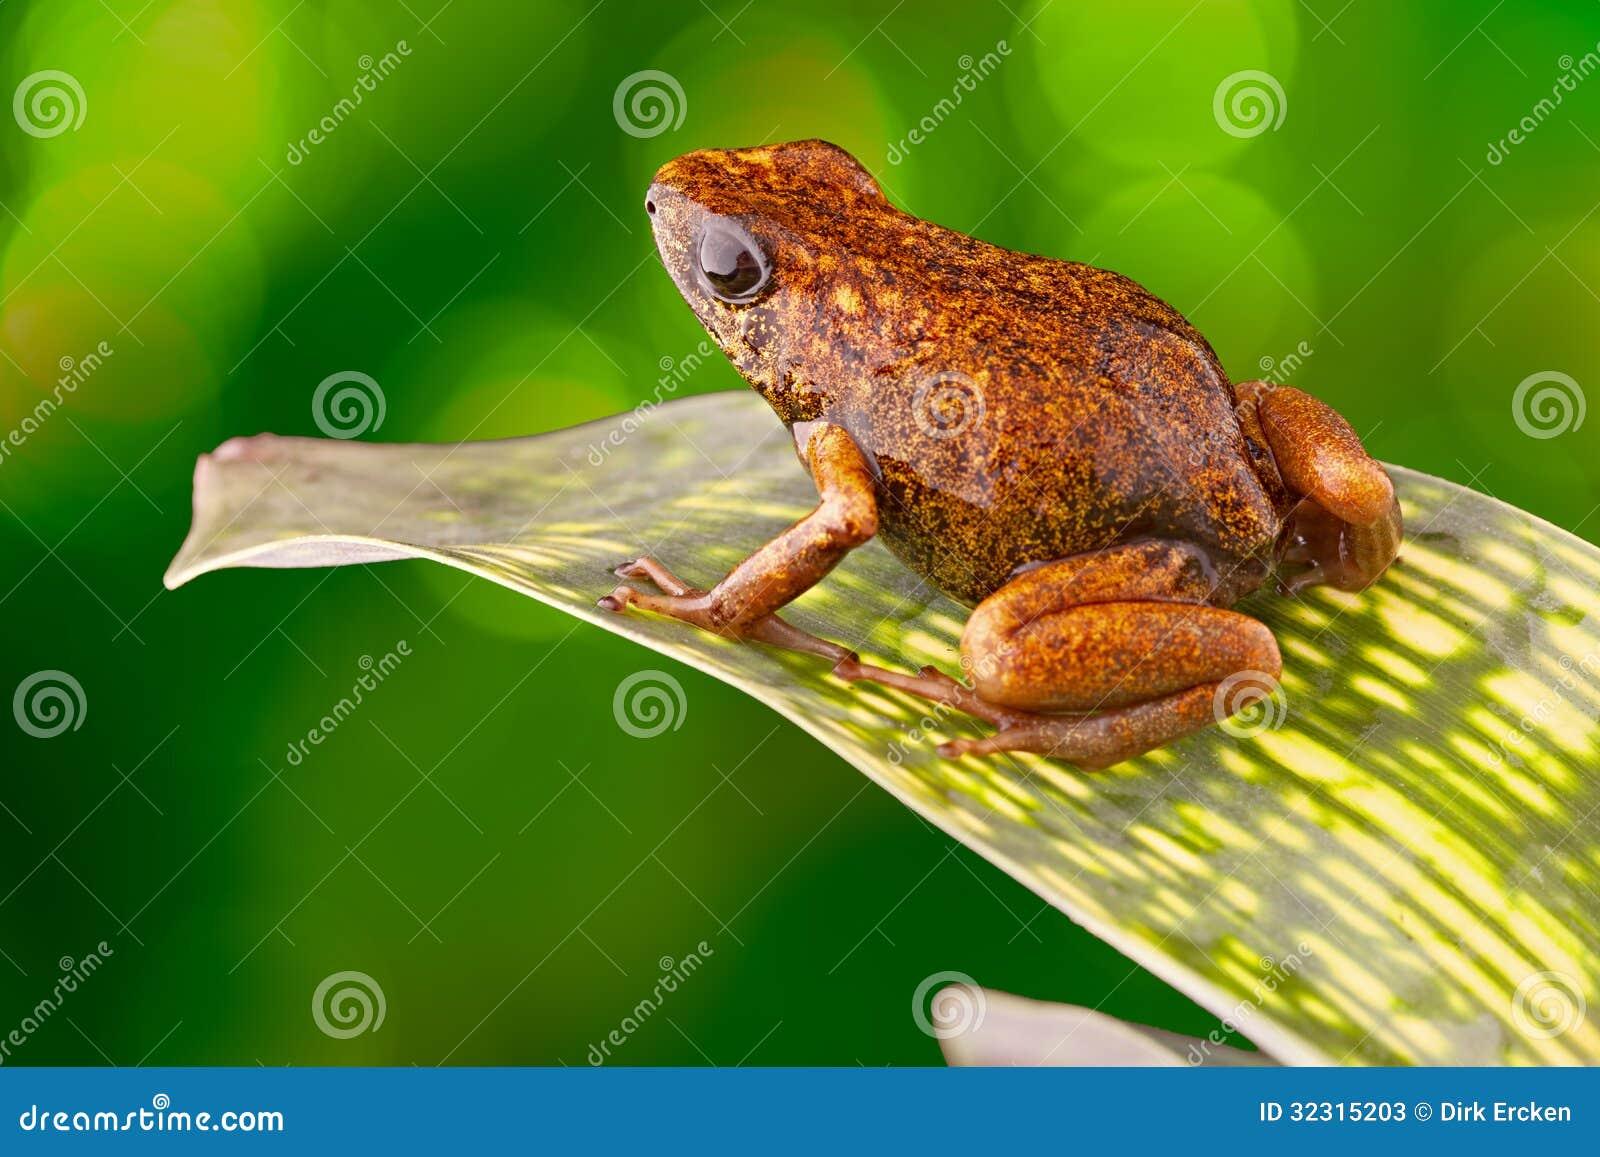 Tropical poison dart frog Ecuador